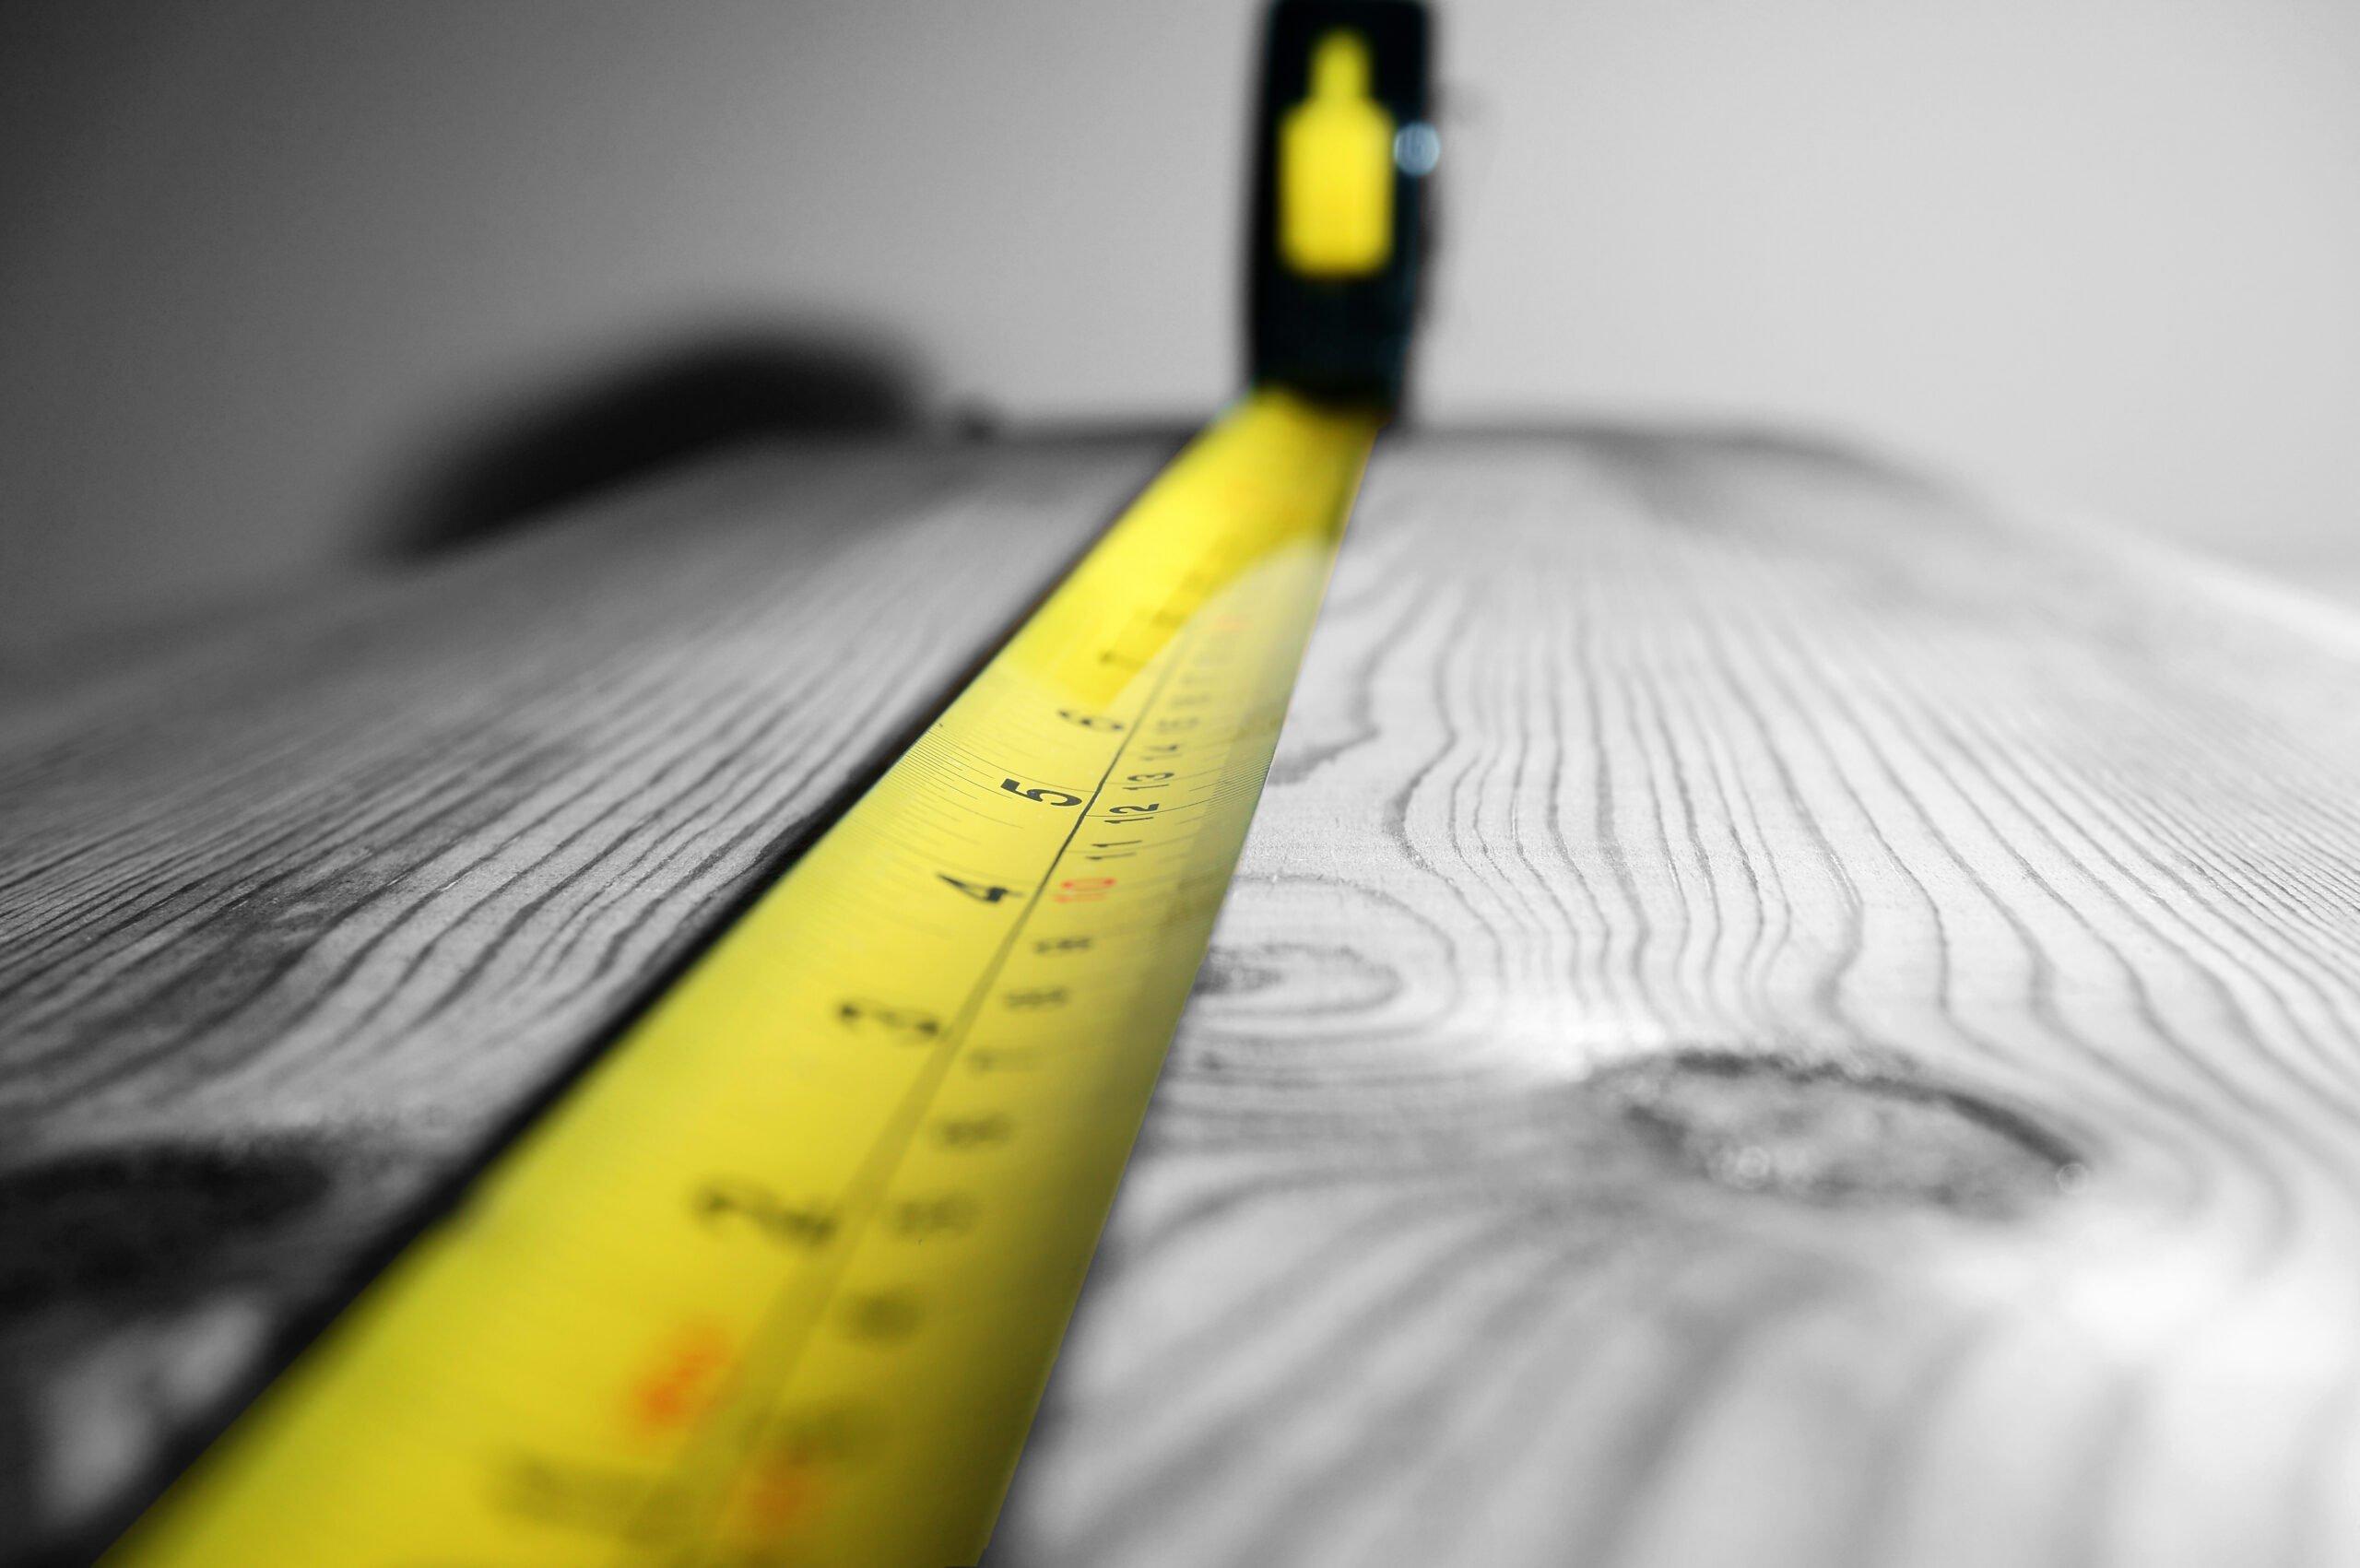 Design Penguin - Interior Design - Full Design - Man with tape measure